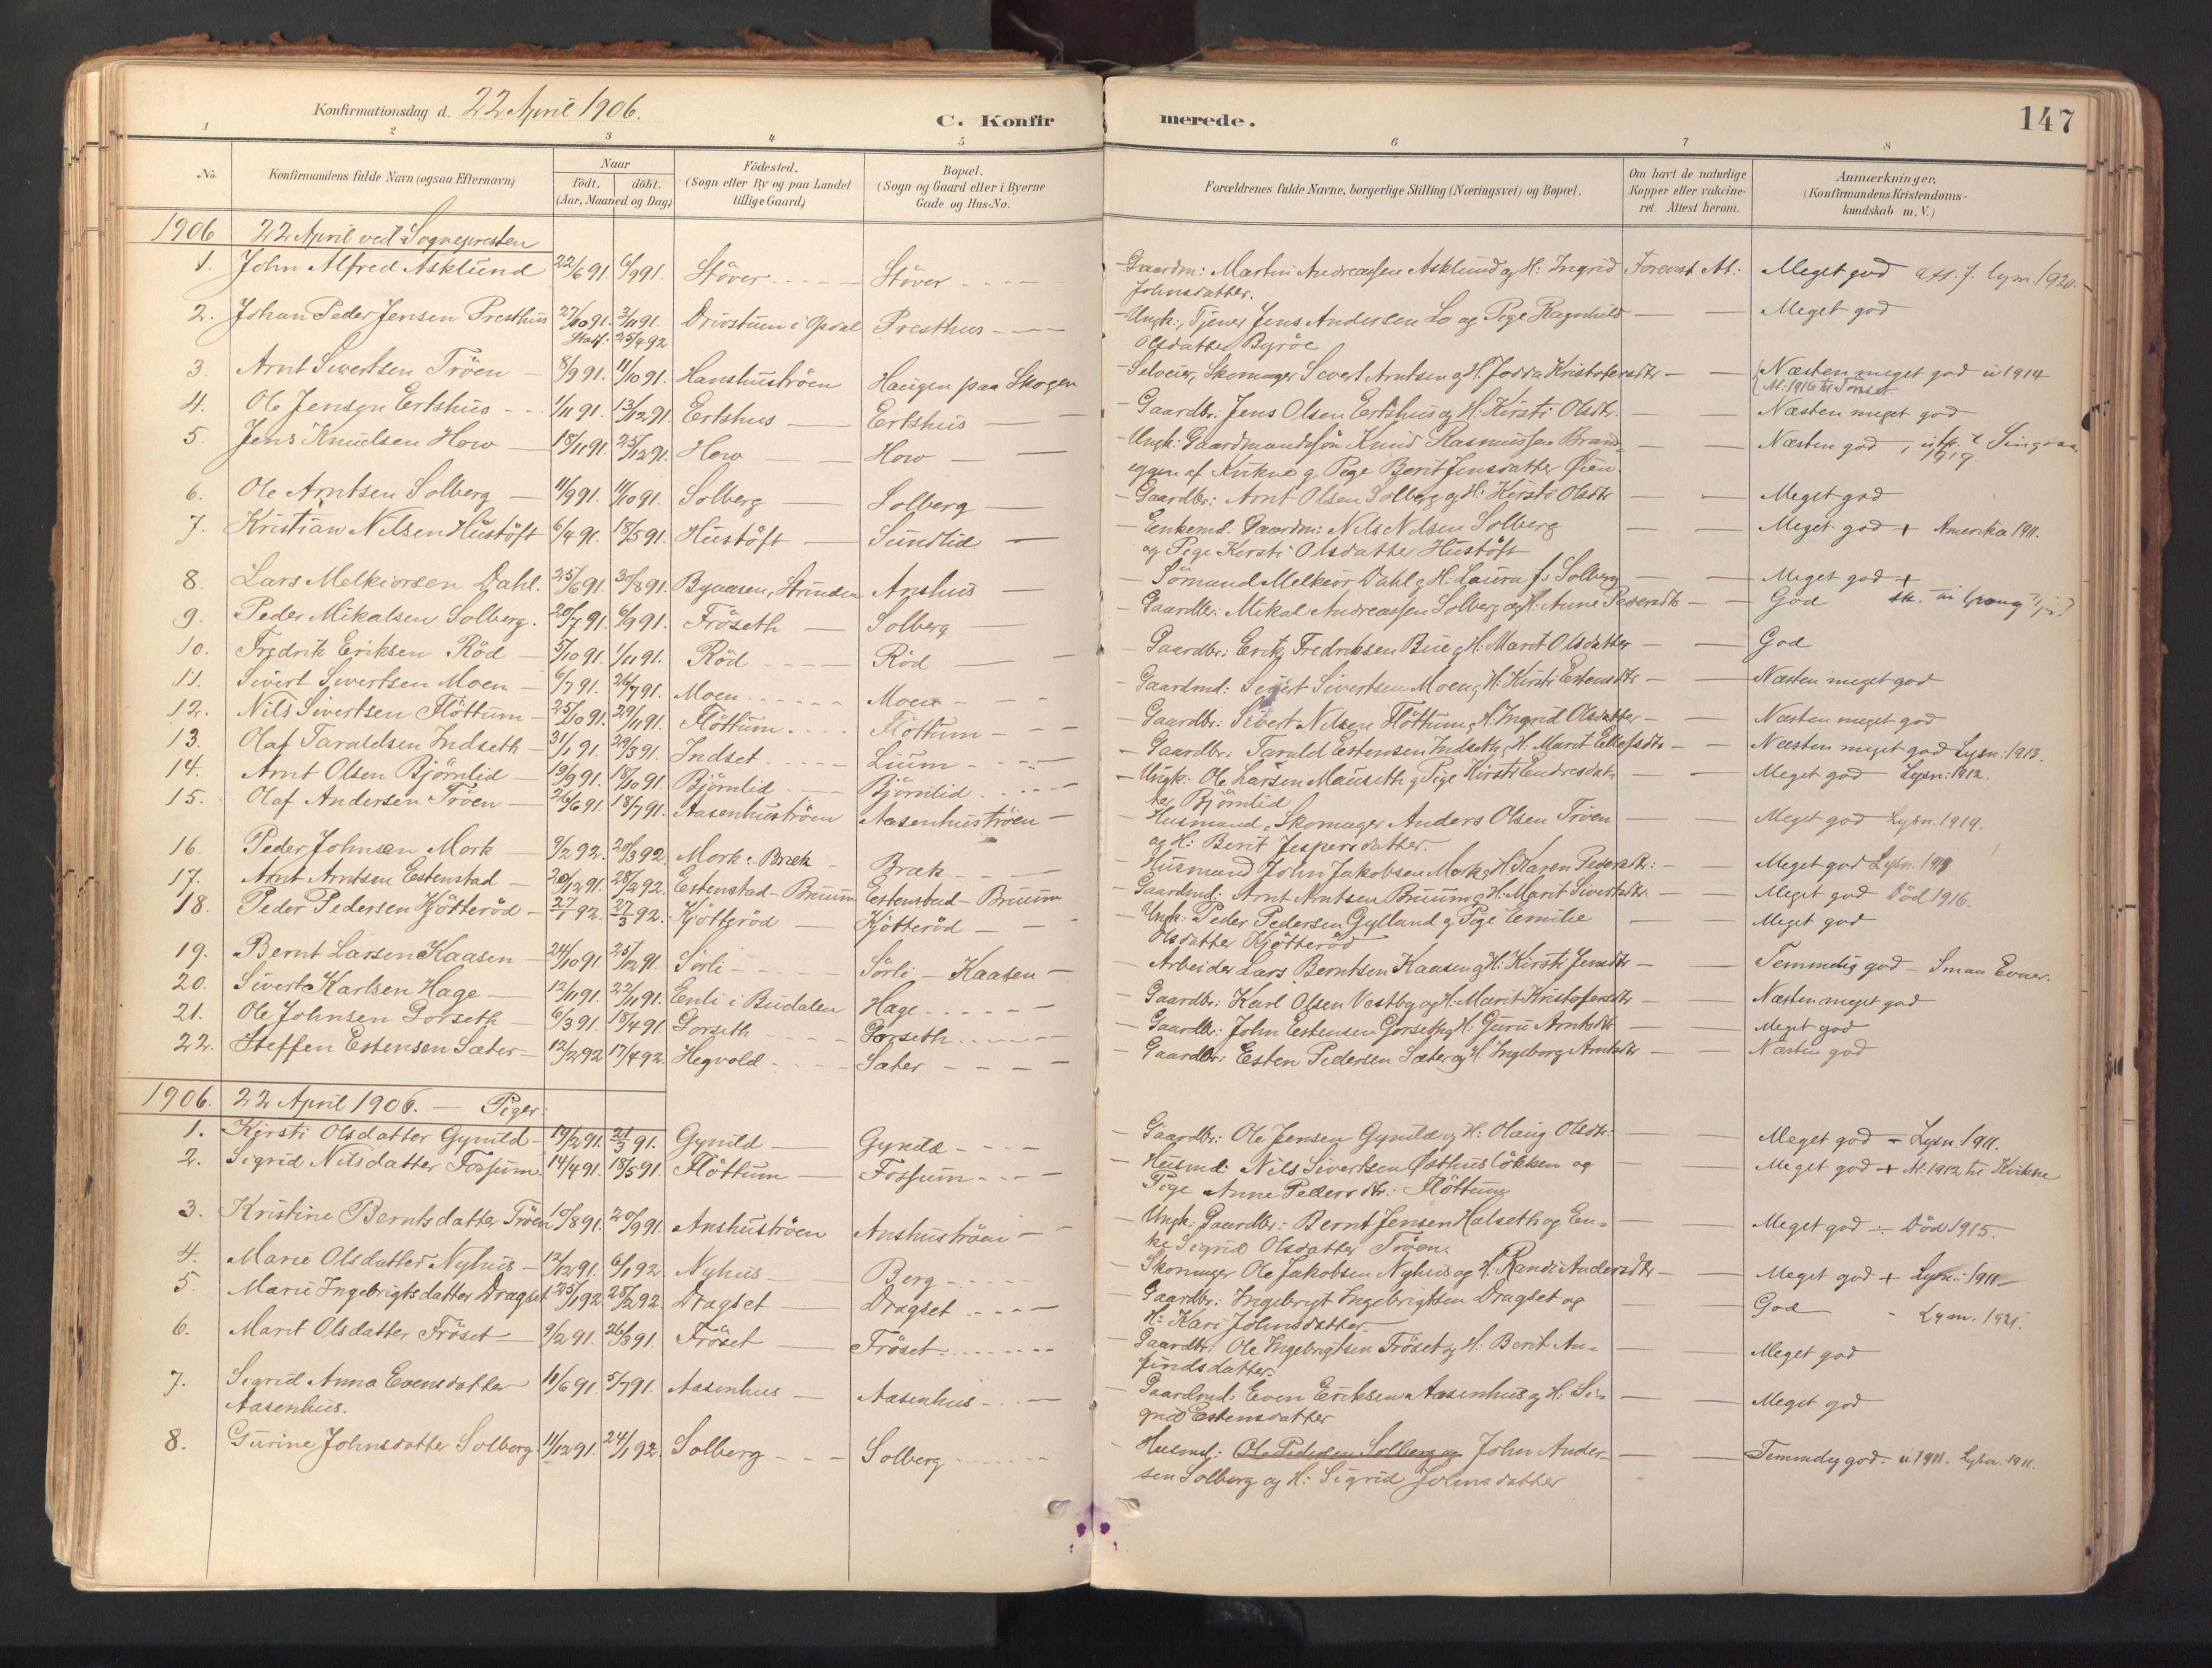 SAT, Ministerialprotokoller, klokkerbøker og fødselsregistre - Sør-Trøndelag, 689/L1041: Ministerialbok nr. 689A06, 1891-1923, s. 147